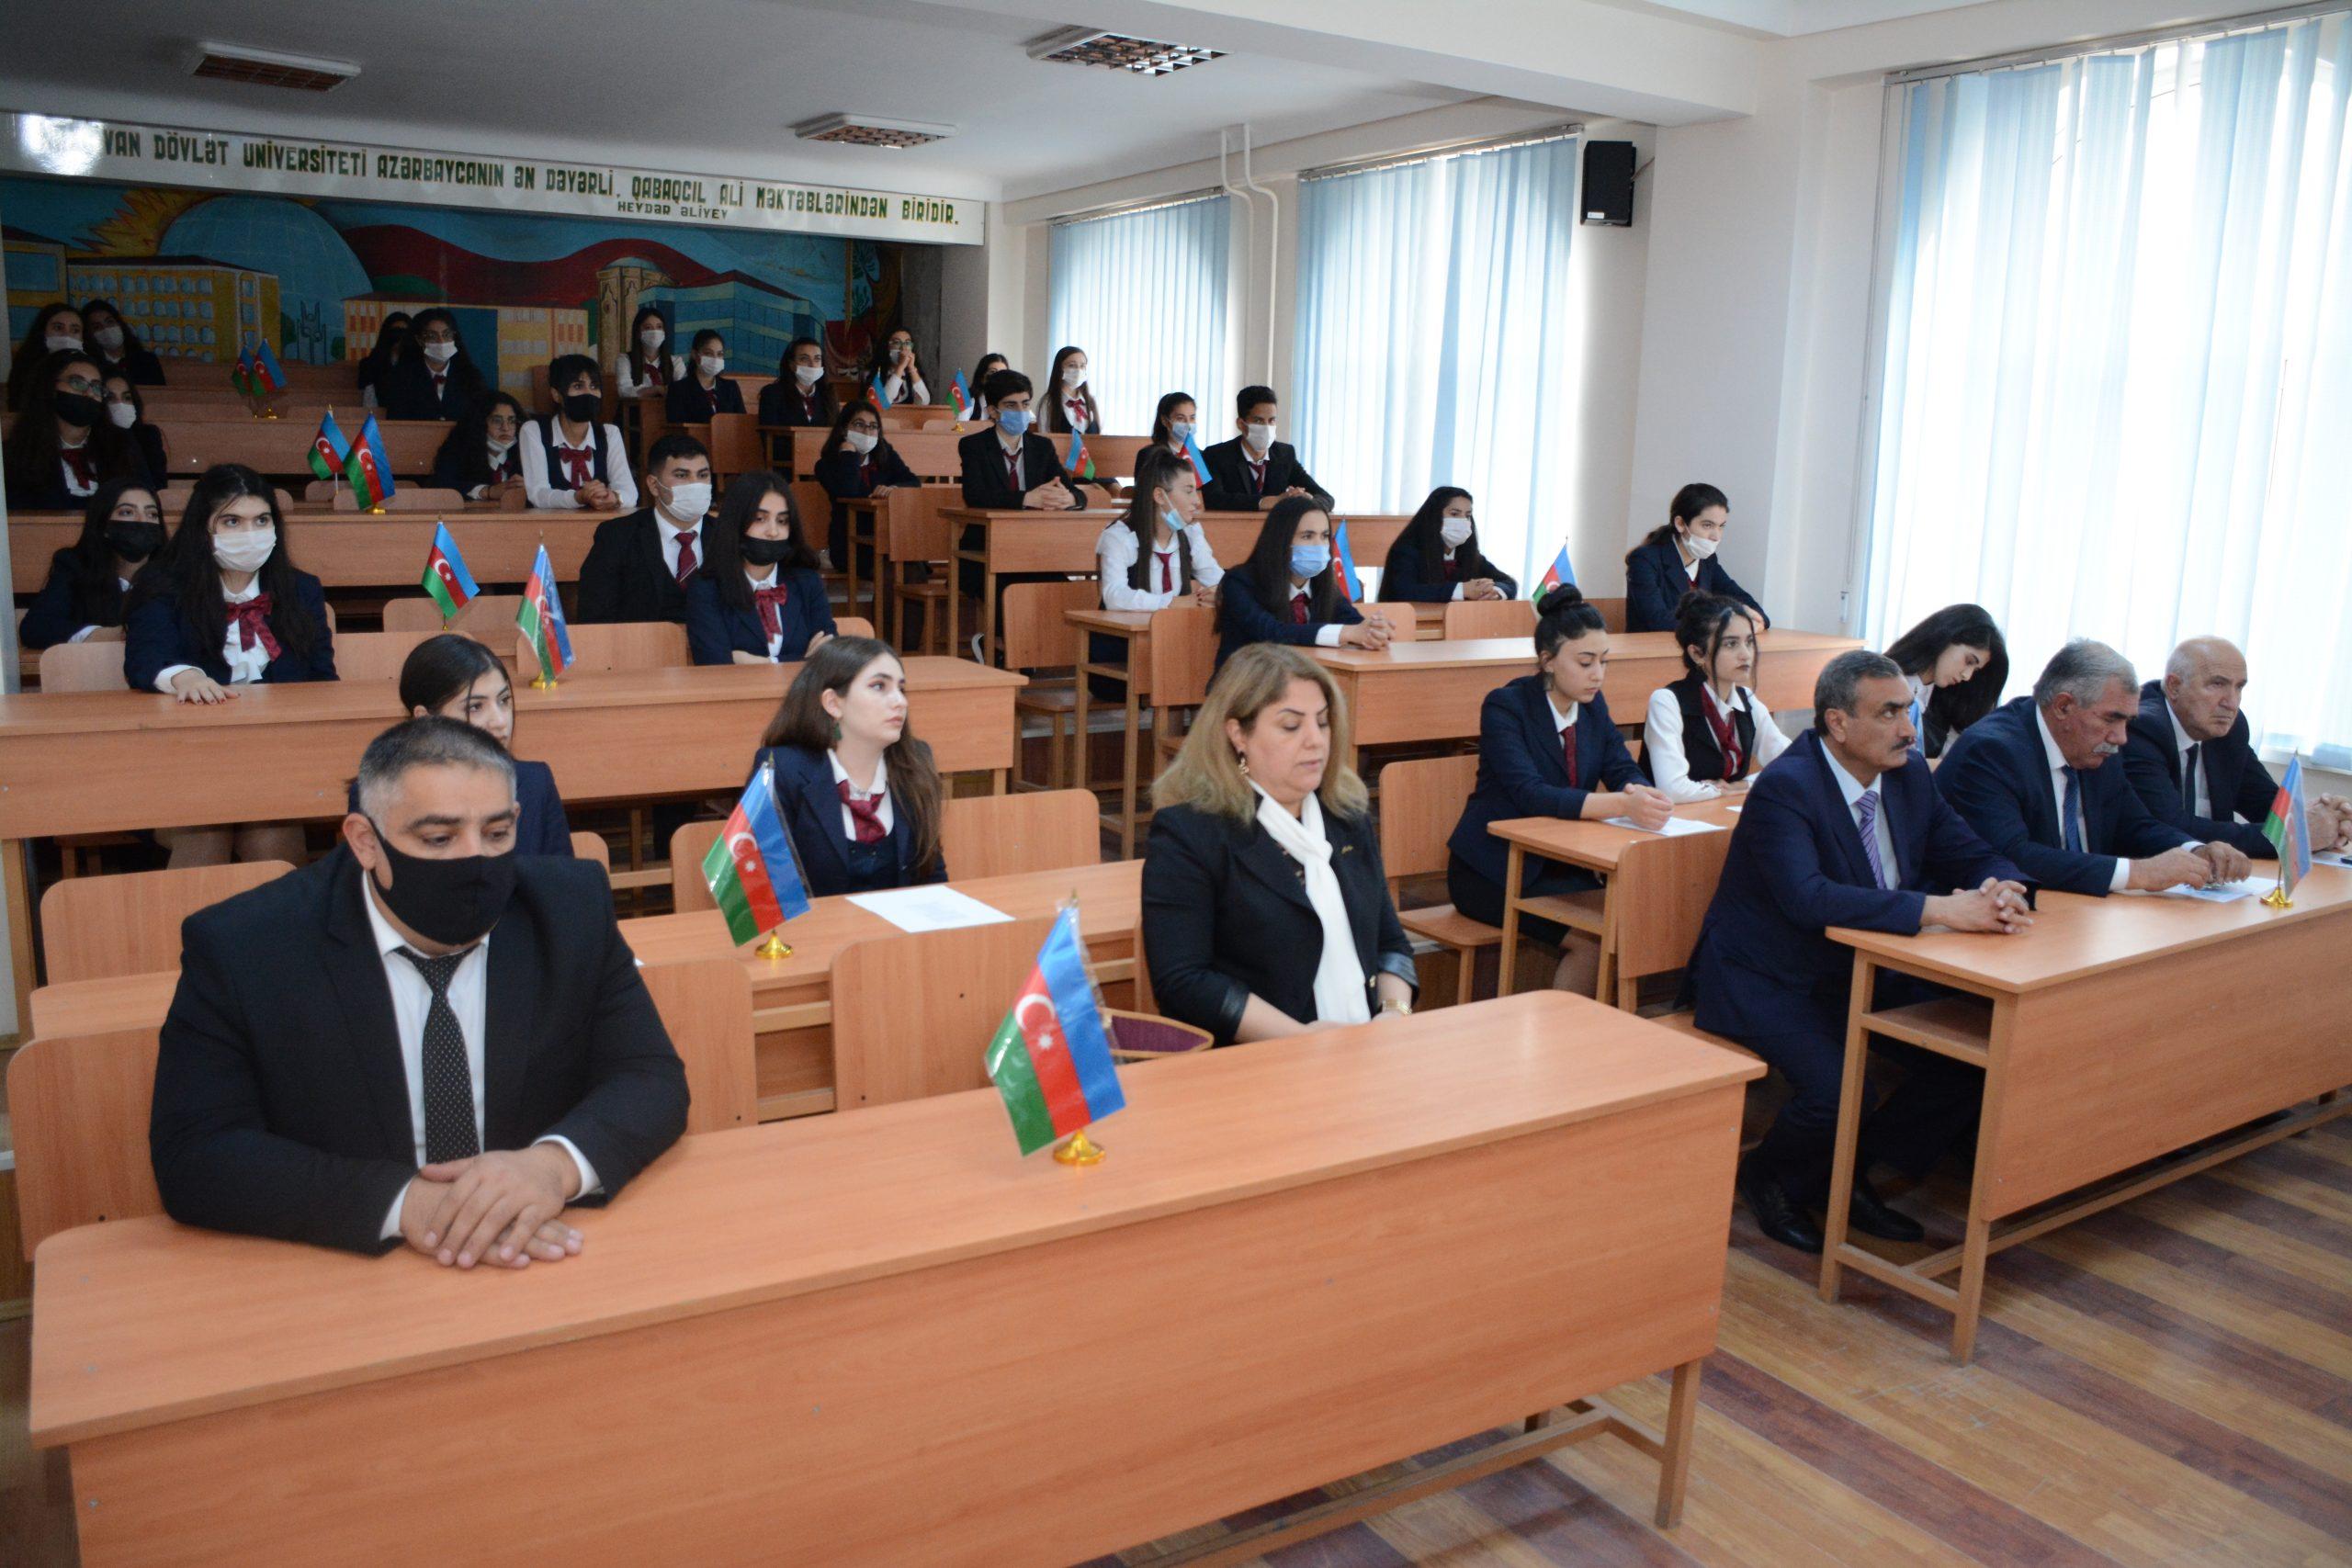 """Naxçıvan Dövlət Universitetində  """"Bayraq mənliyimdir, bayraq kimliyim!""""  mövzusunda tədbir keçirilib"""